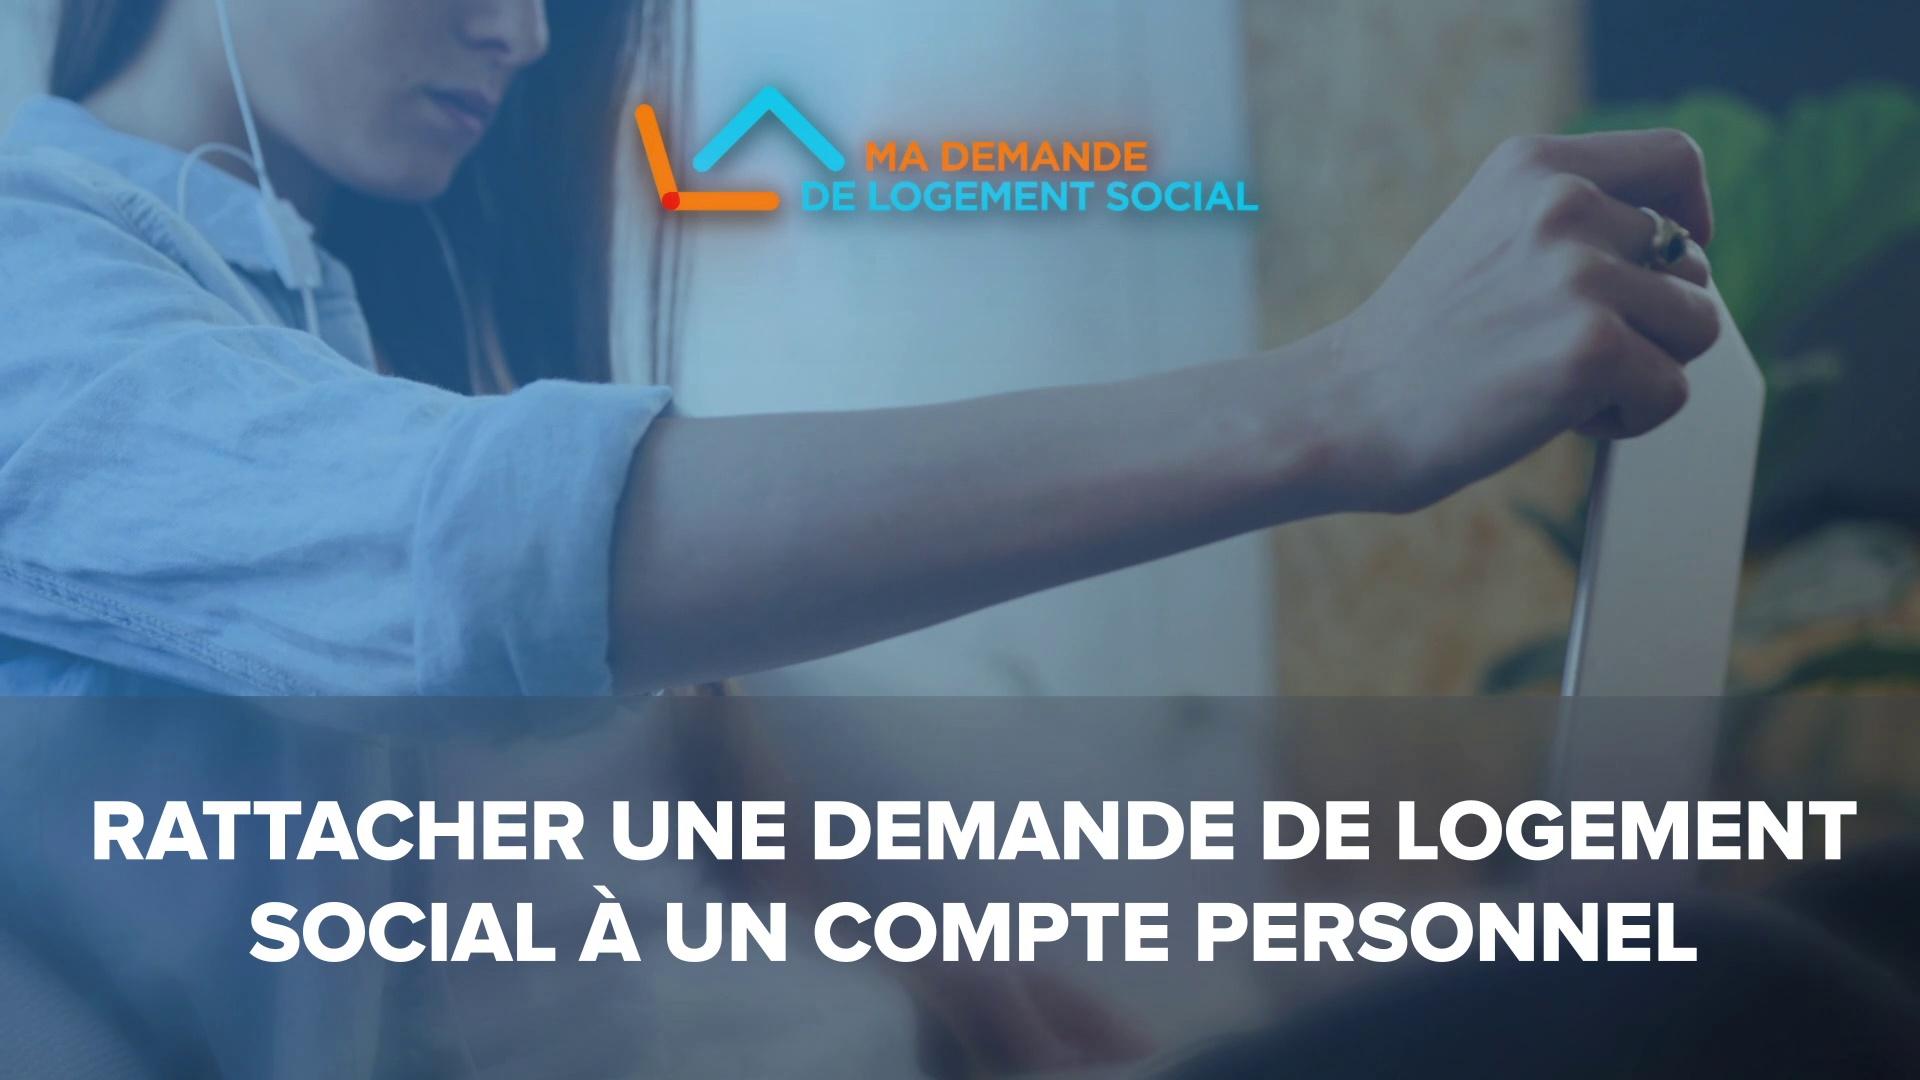 Dailymotion Video: 2- Rattacher une demande de logement social à un compte personnel sur www.demande-logement-social.gouv.fr